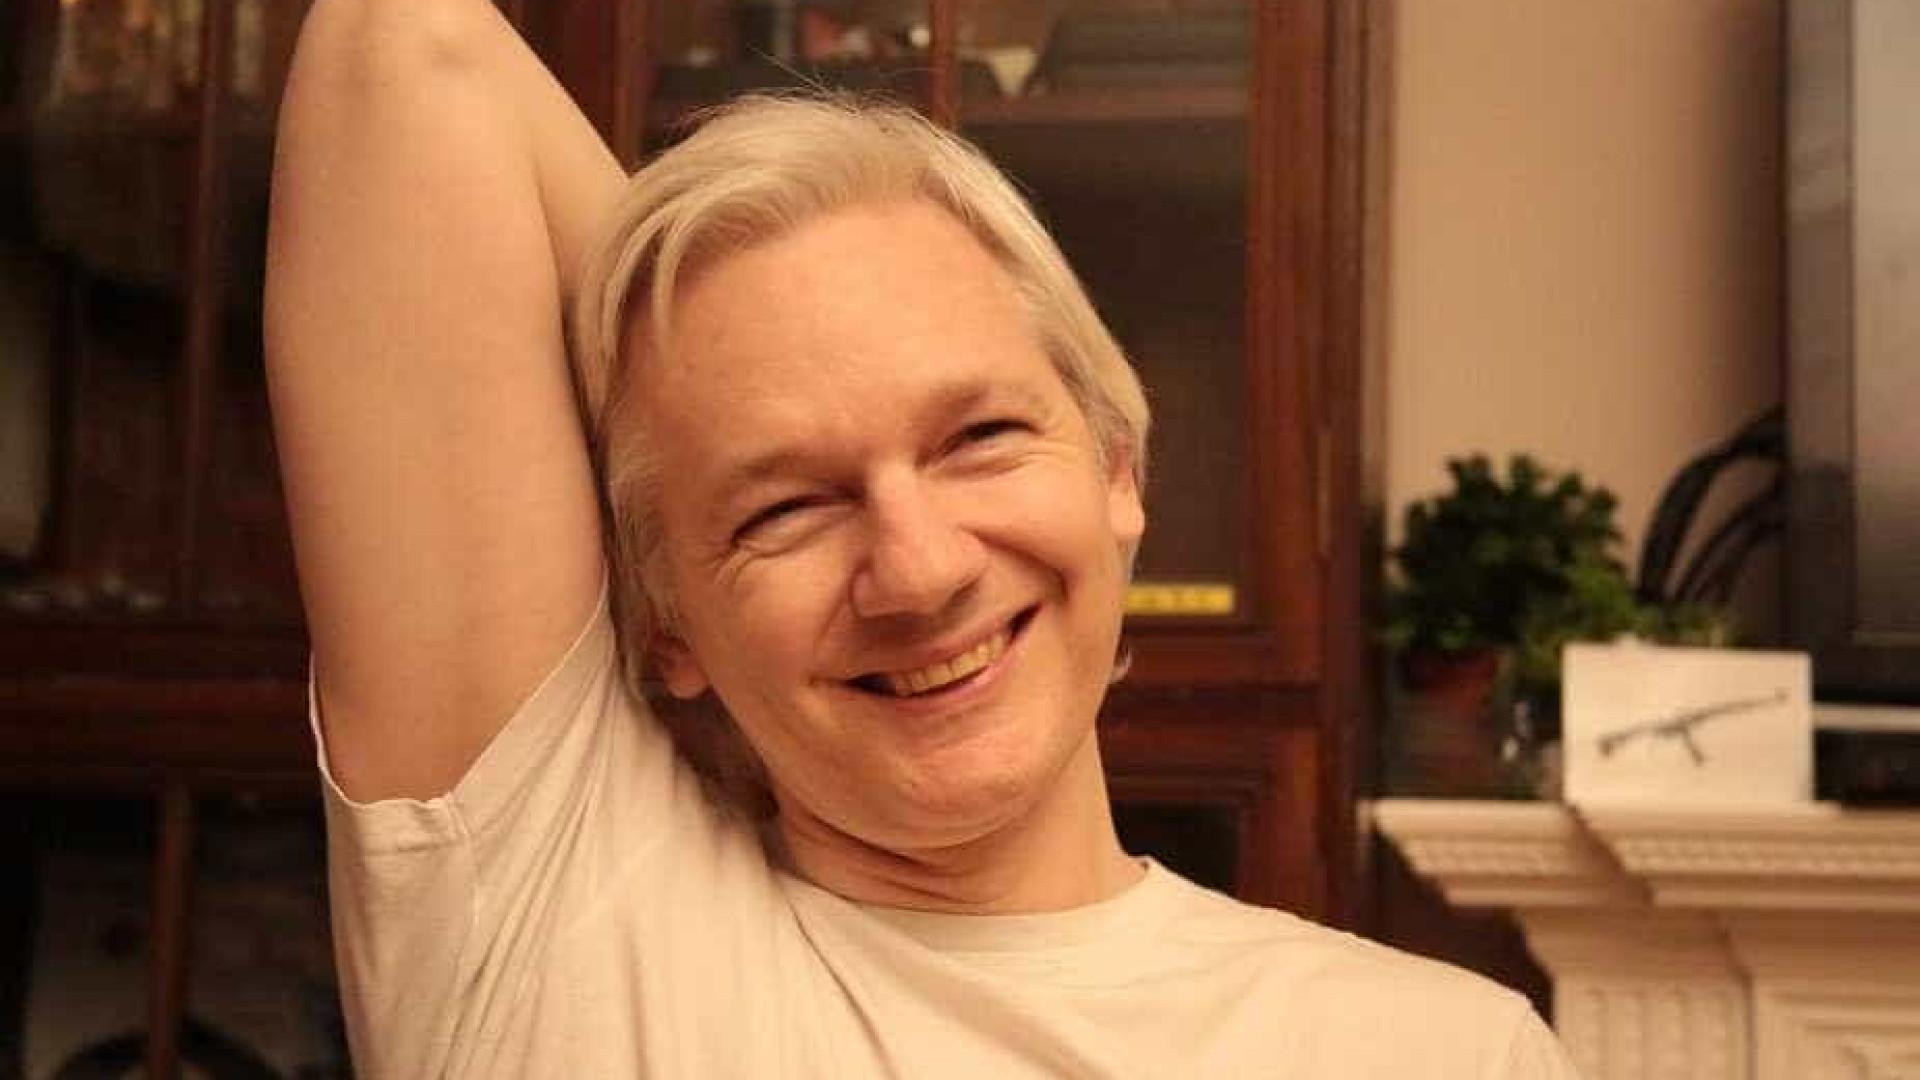 Suécia revoga mandado de captura contra Assange